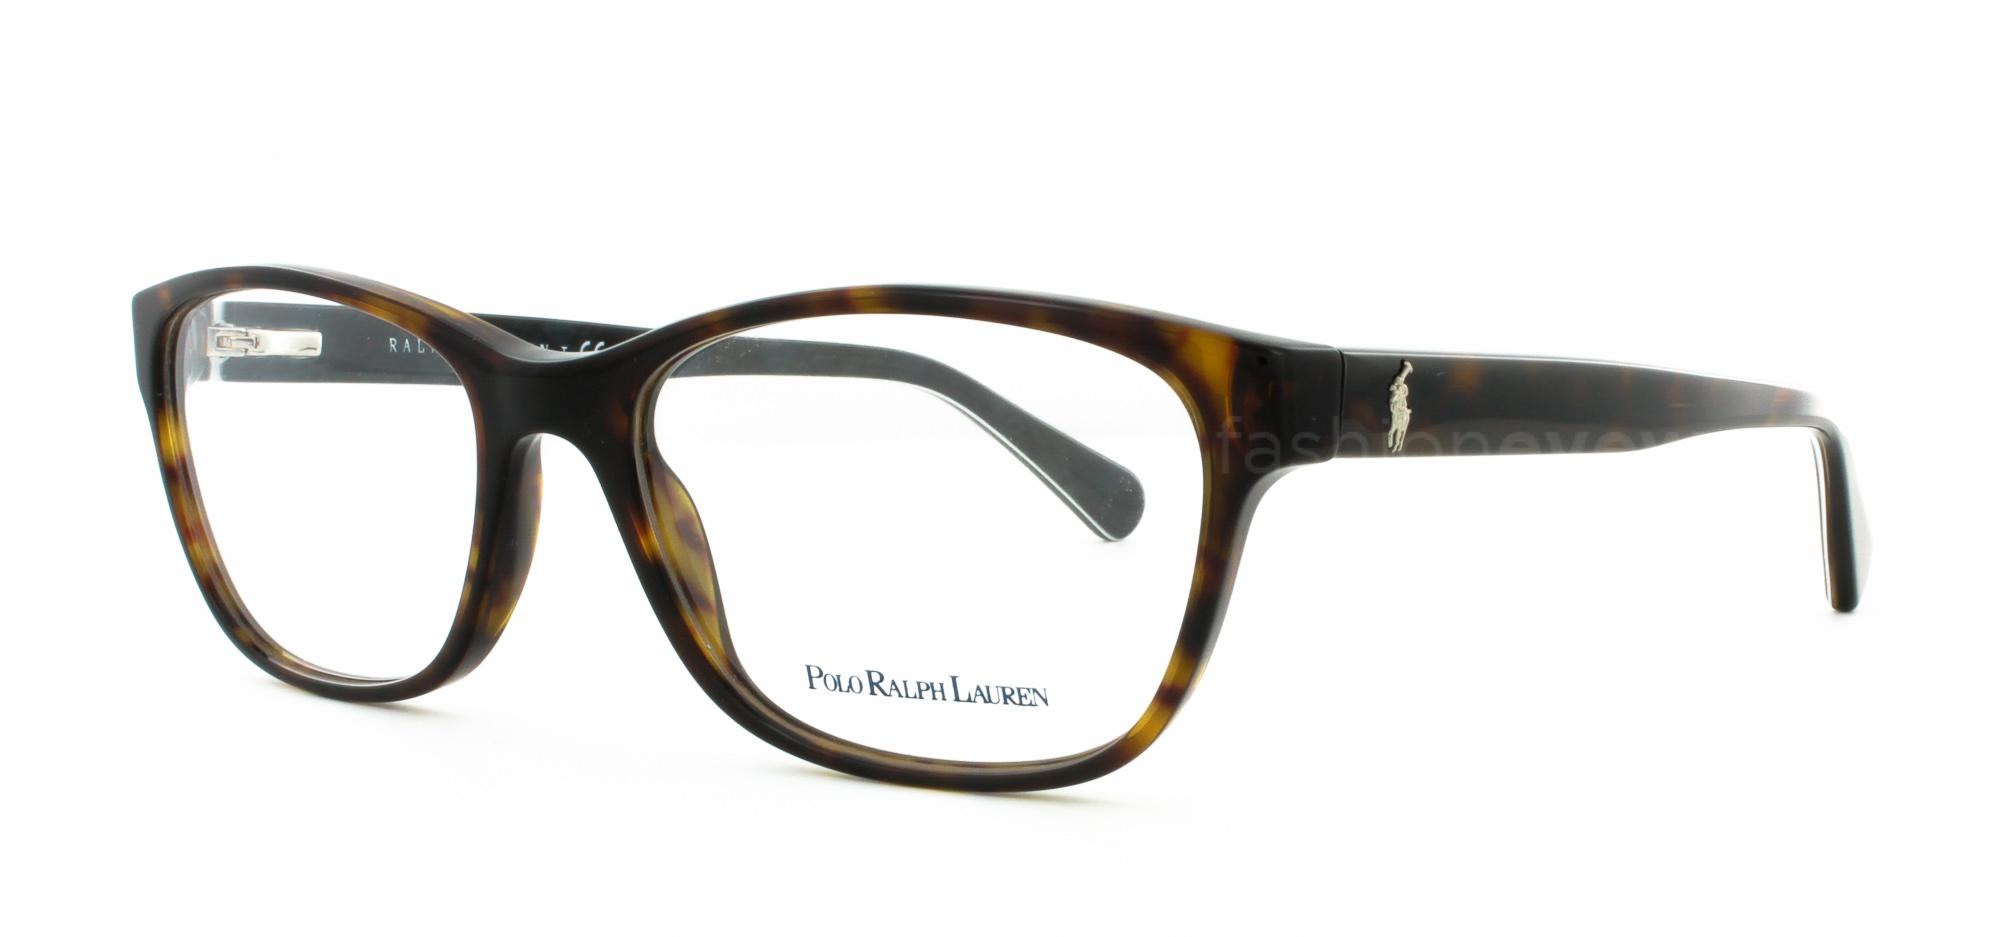 d655090a3a7 Ralph Lauren Eyeglasses - Discount Designer Sunglasses